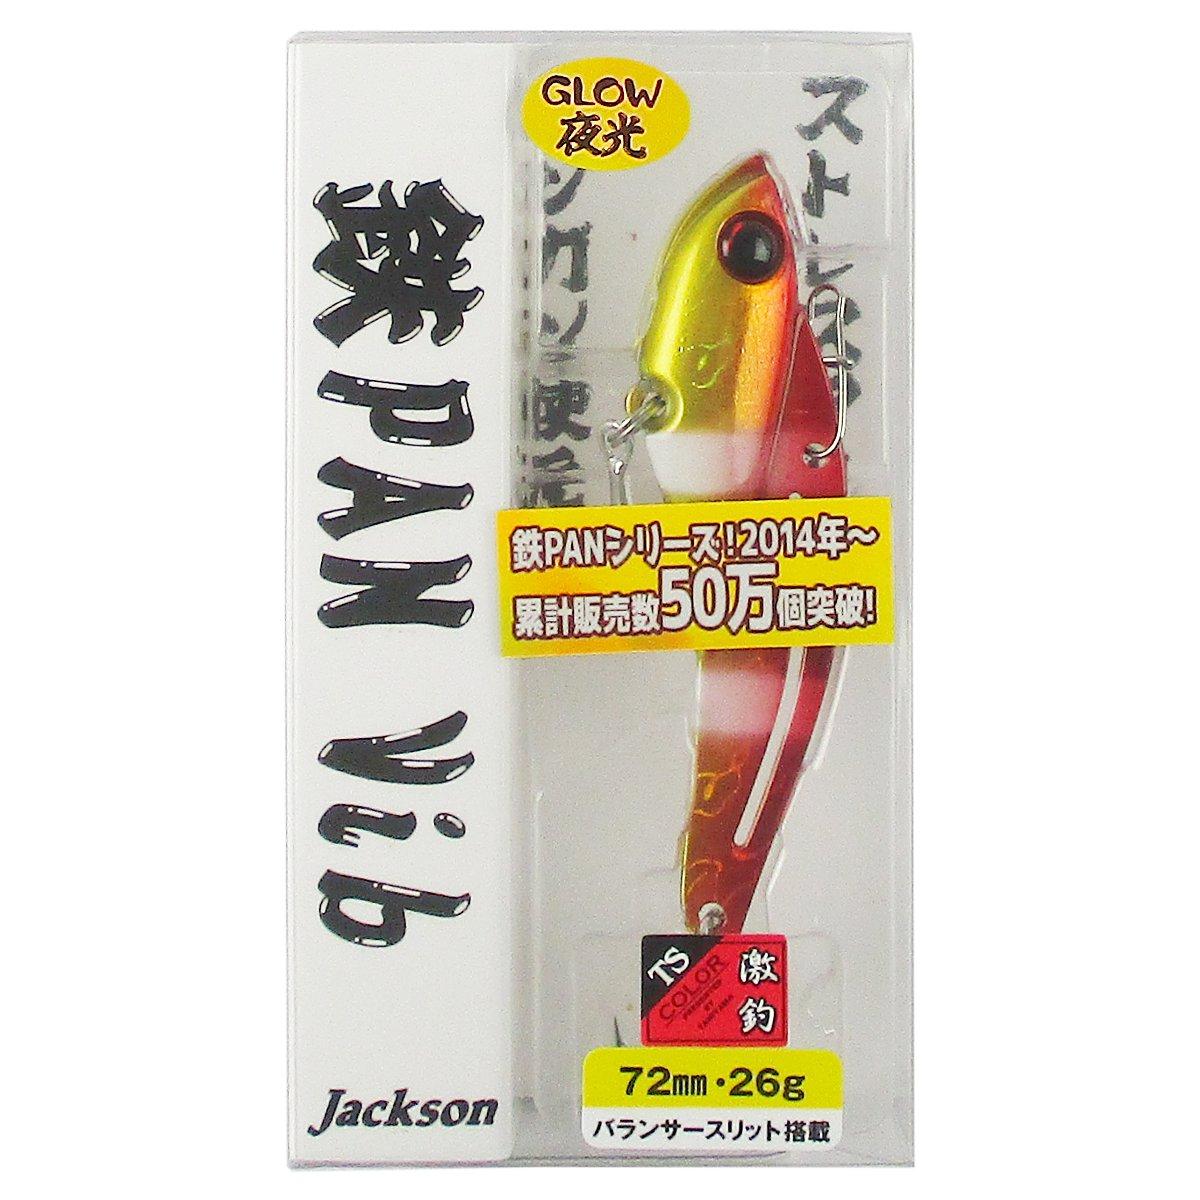 ジャクソン 鉄PAN Vib 26g GCZ 激釣センターゼブラRG【ゆうパケット】